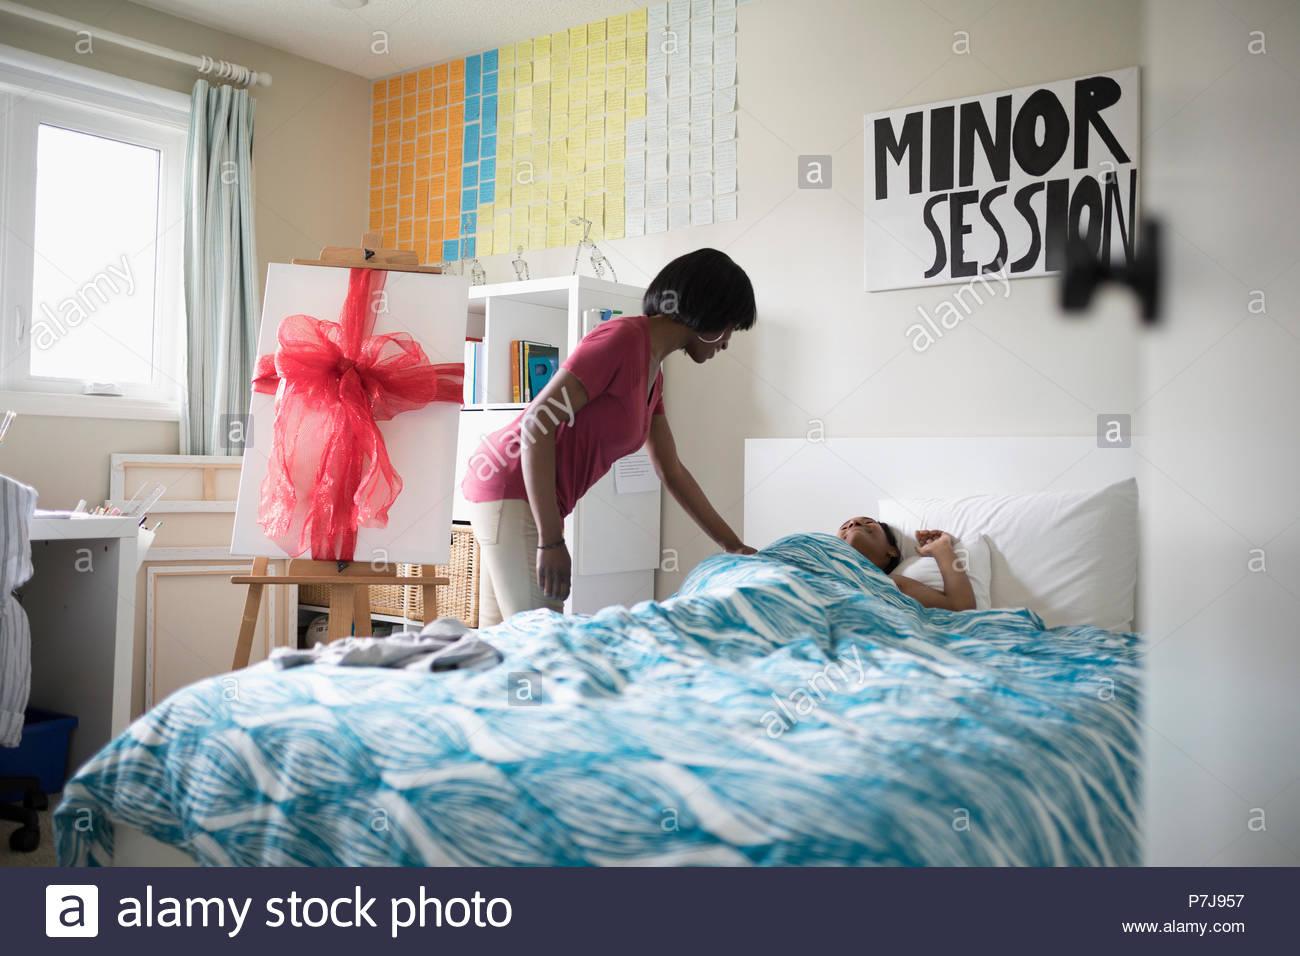 Madre hija adolescente de vigilia duerme en la cama con regalo sorpresa de cumpleaños Imagen De Stock